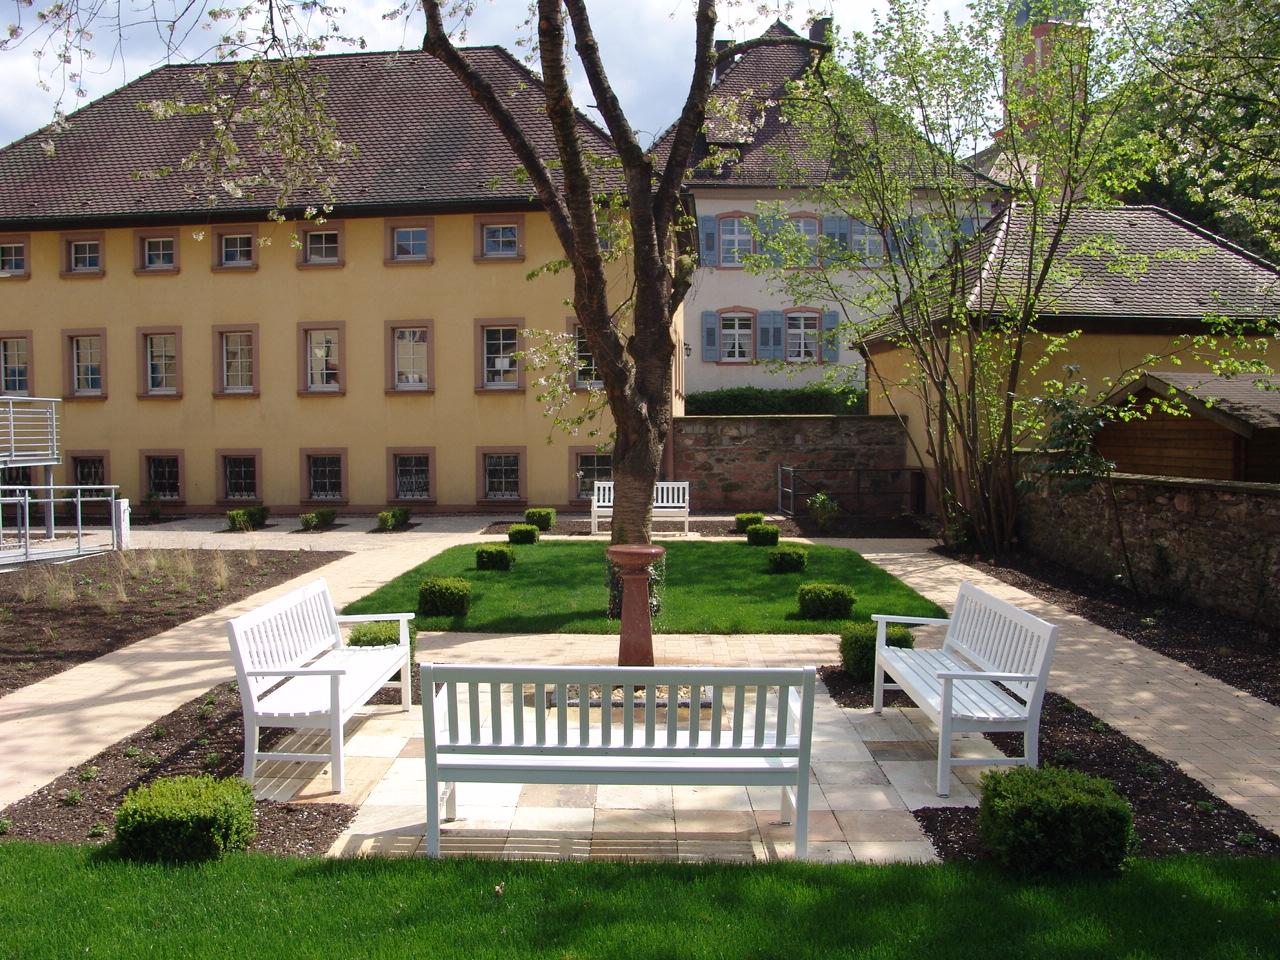 Gartengestaltung in Anlehnung an Kloster